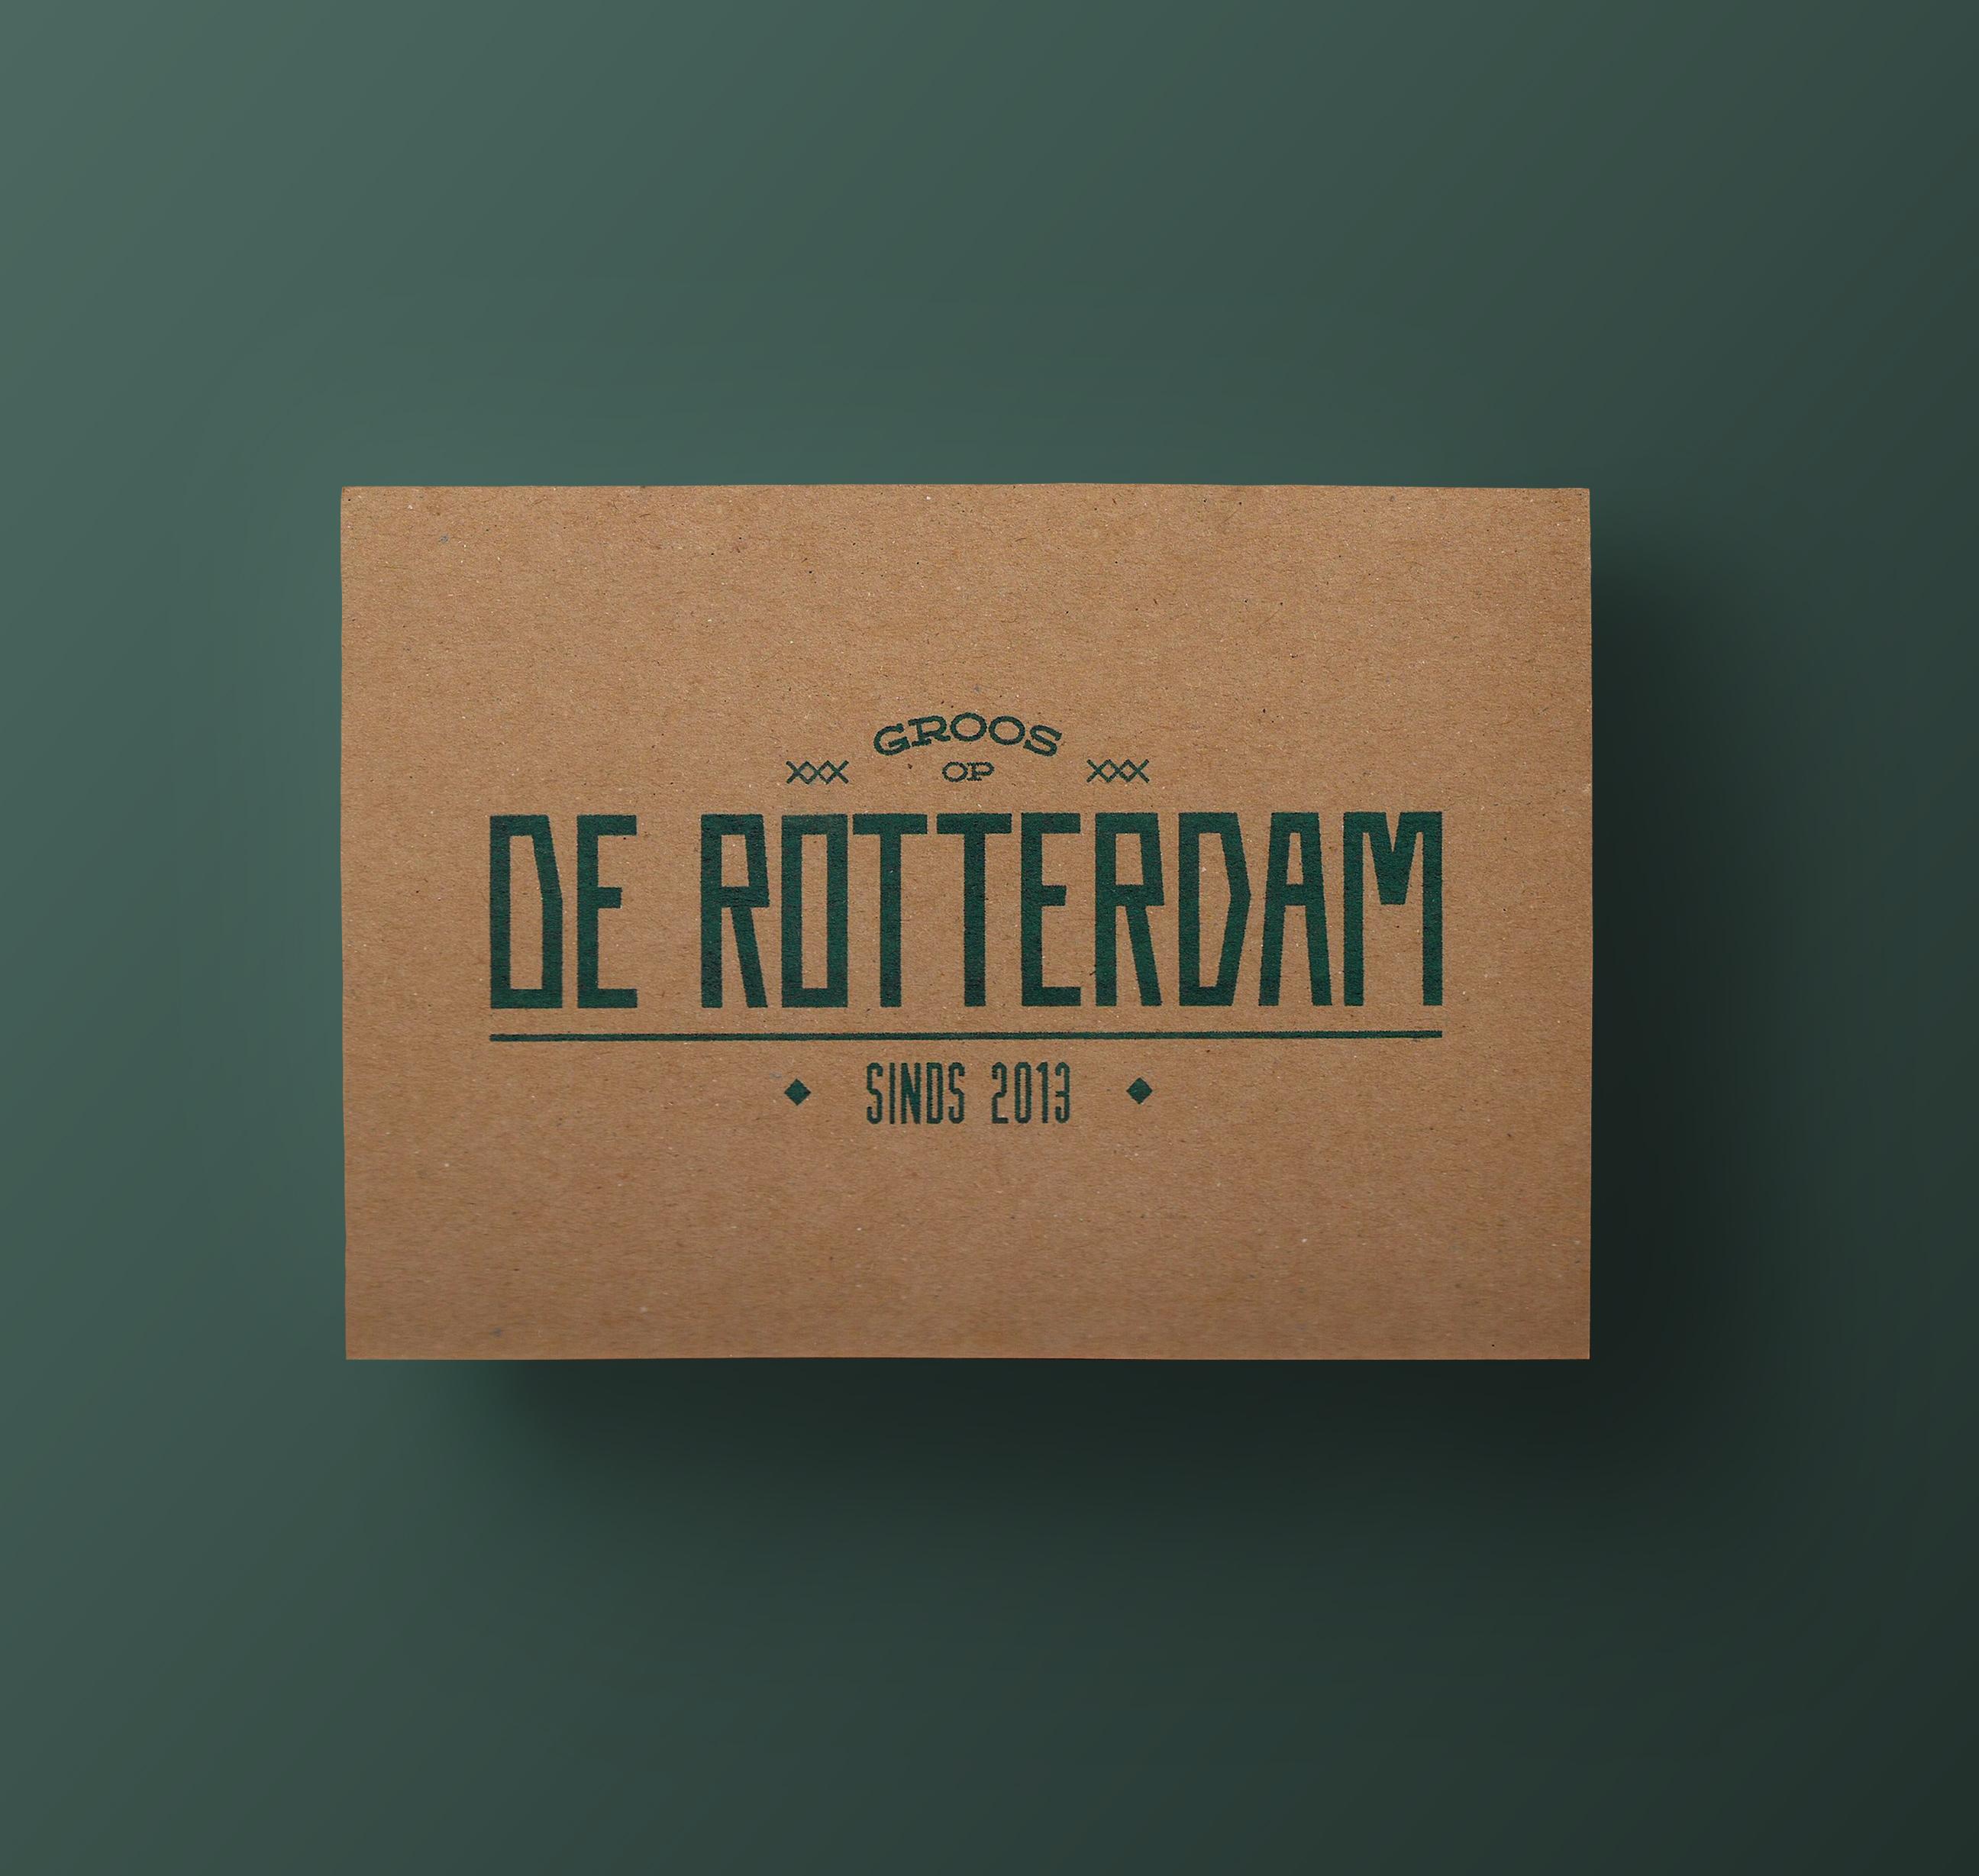 de_rotterdam_mock_up